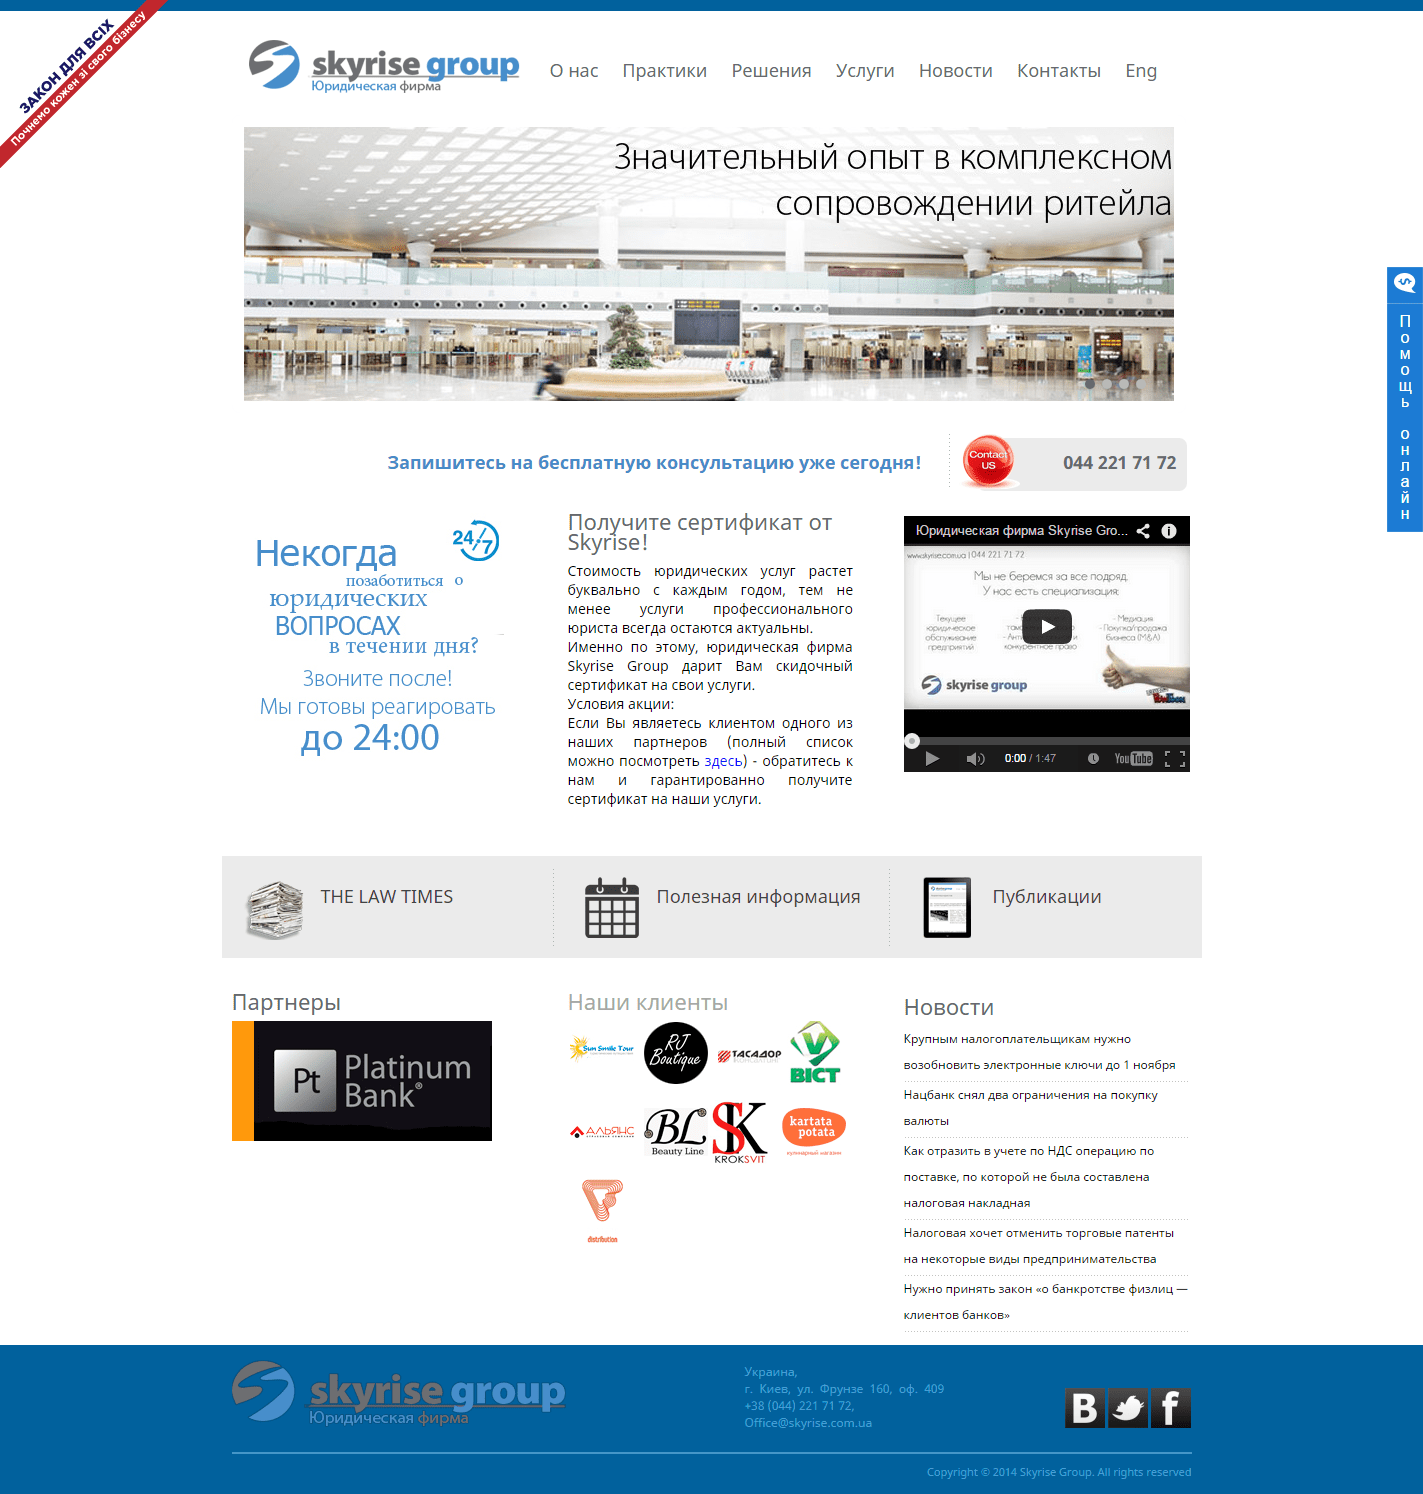 Skyrise-Group-YUridicheskaya-zashhita-vashego-biznesa